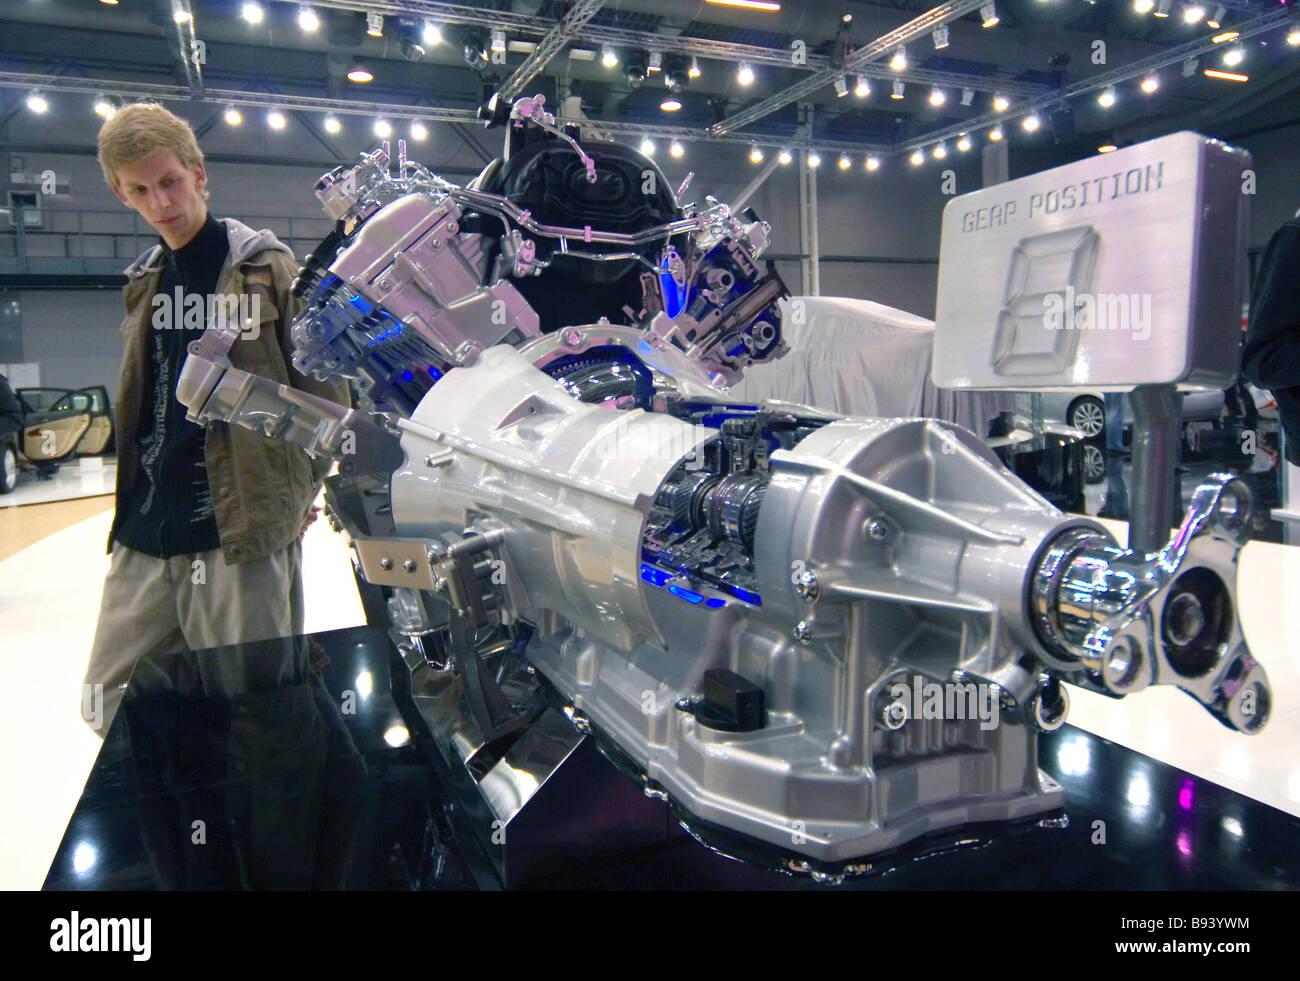 Un modelo de motor híbrido mostrado por Lexus en la 15ª exposición internacional de automóviles Imagen De Stock